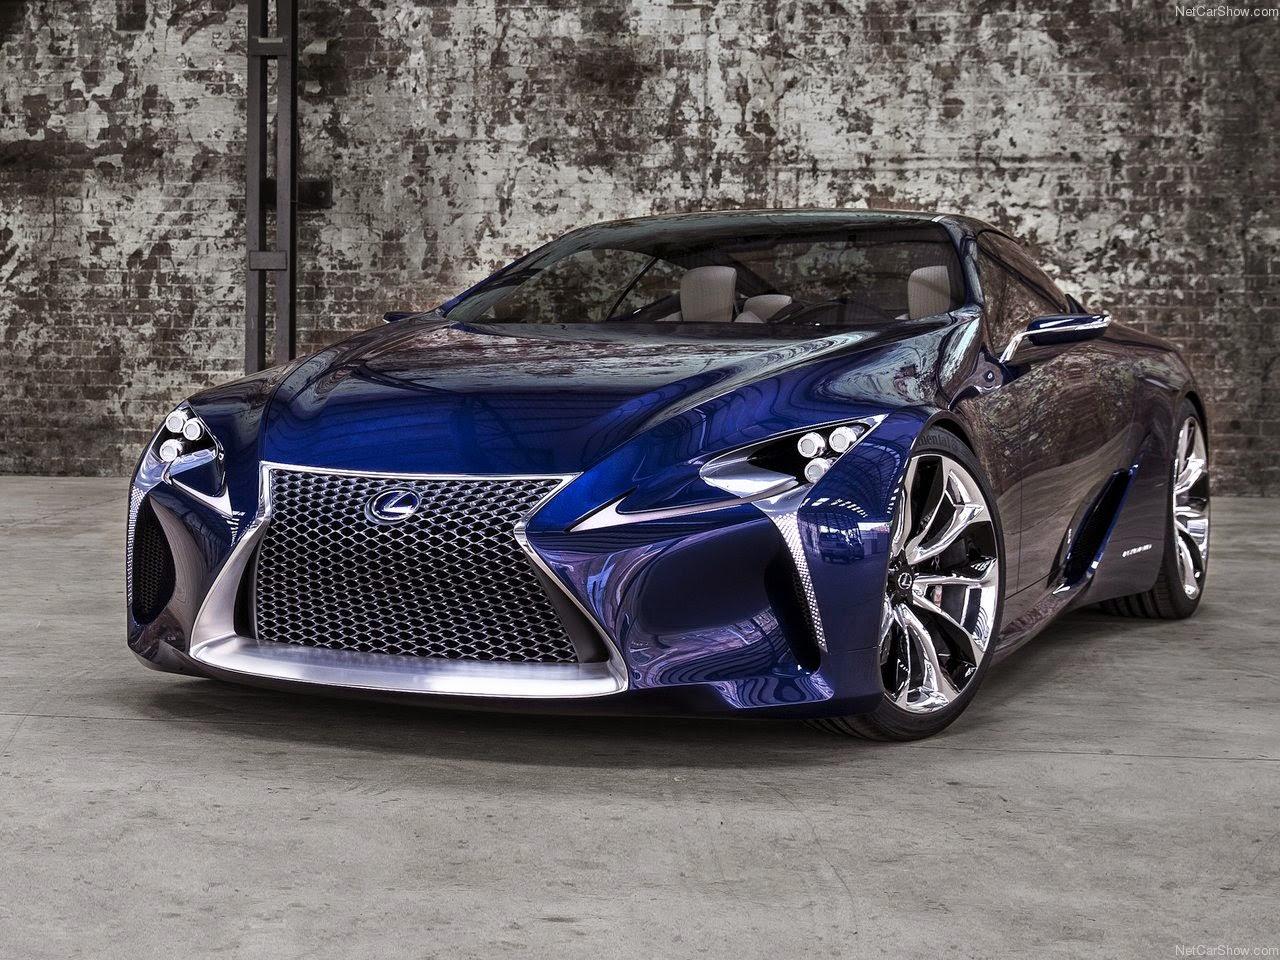 Lexus lf gh concept 2011 exterior detail 49 of 49 1600x1200 - 2011 Lexus Lf Lc Blue Concept